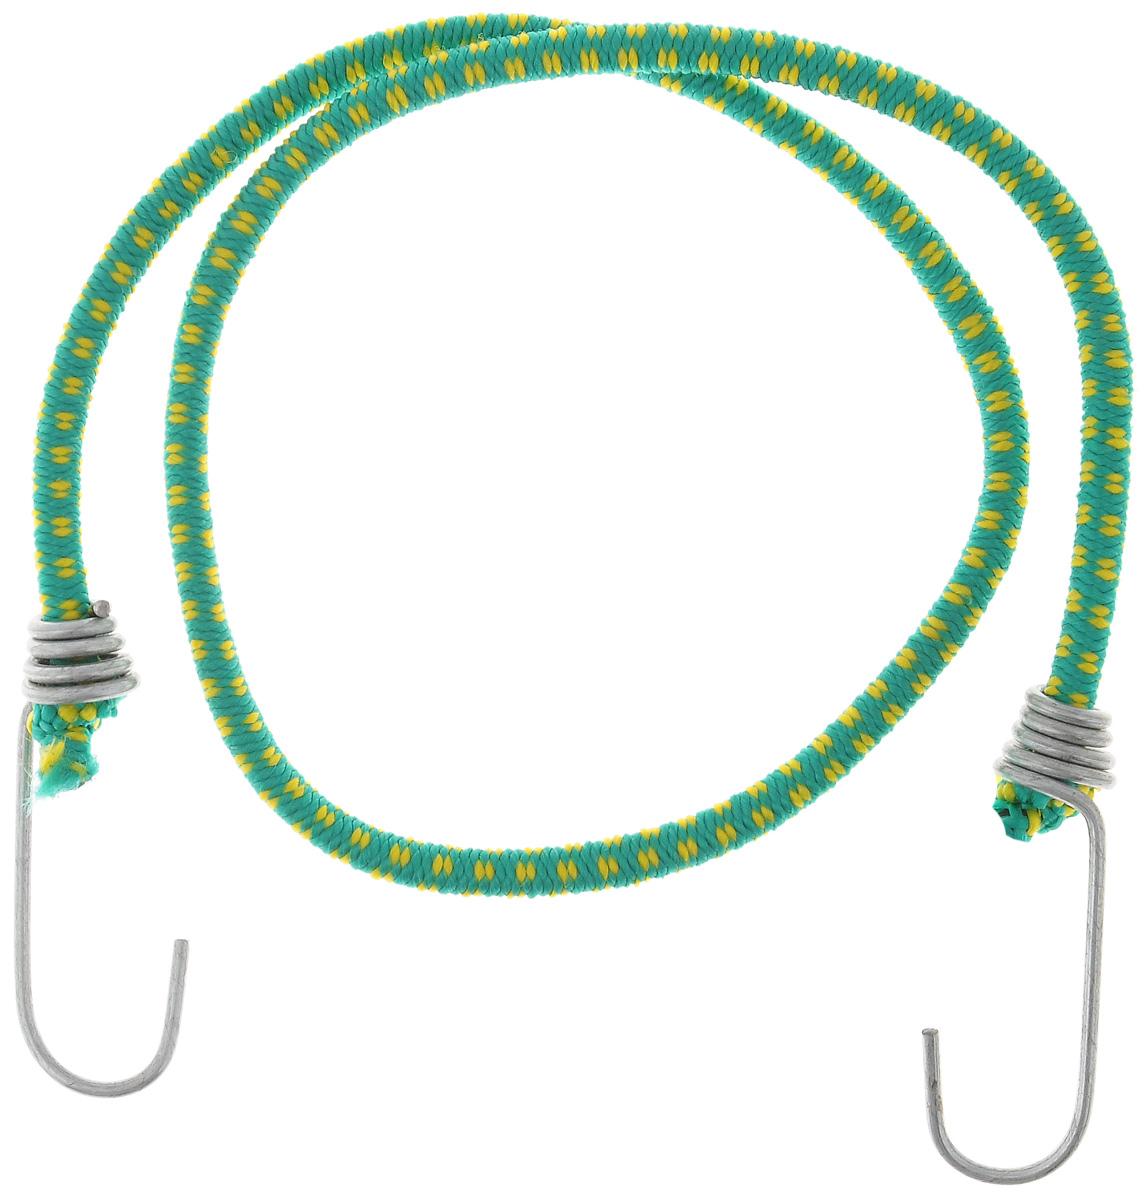 Резинка багажная МастерПроф, с крючками, цвет: зеленый, желтый, 0,6 х 80 см. АС.020021Ветерок 2ГФБагажная резинка МастерПроф, выполненная из синтетического каучука, оснащена специальными металлическими крючками, которые обеспечивают прочное крепление и не допускают смещения груза во время его перевозки. Изделие применяется для закрепления предметов к багажнику. Такая резинка позволит зафиксировать как небольшой груз, так и довольно габаритный.Материал: синтетический каучук.Температура использования: -15°C до +50°C.Безопасное удлинение: 60%.Диаметр резинки: 0,6 см.Длина резинки: 80 см.